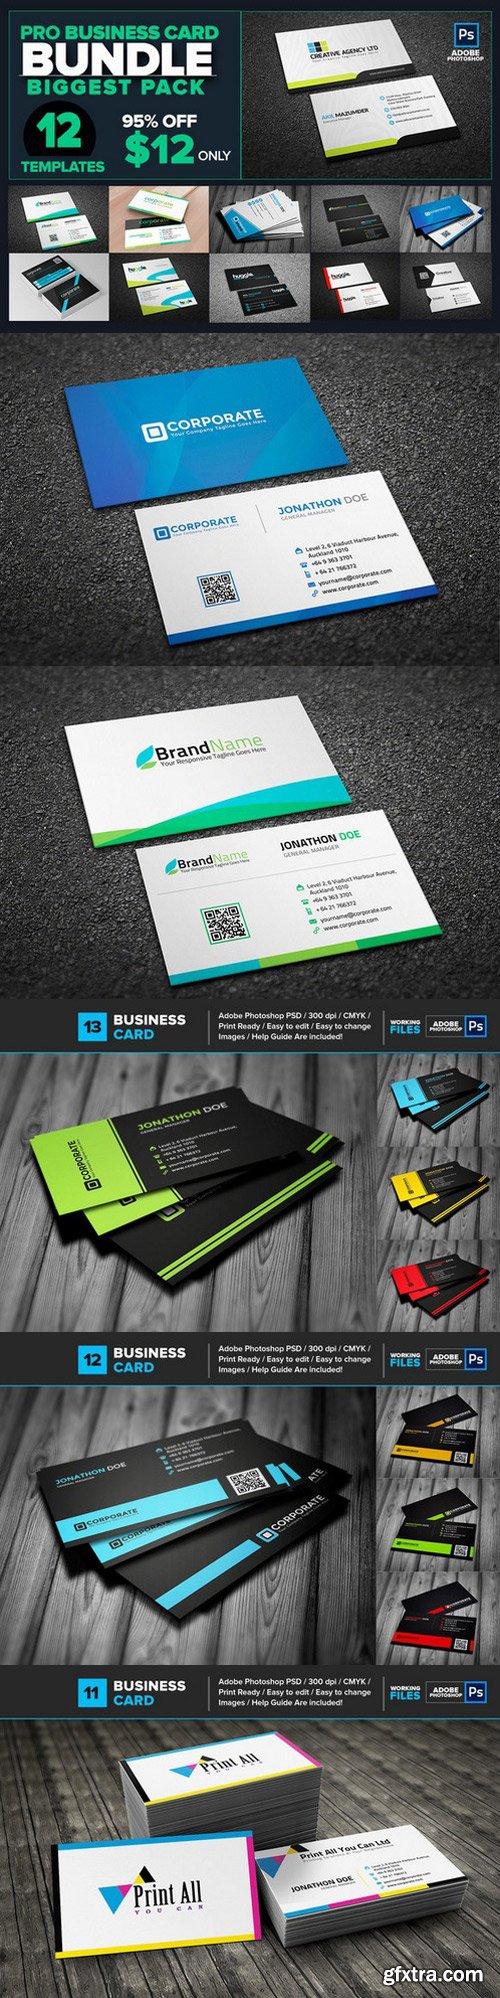 CM - Business Card Bundle 01 868091